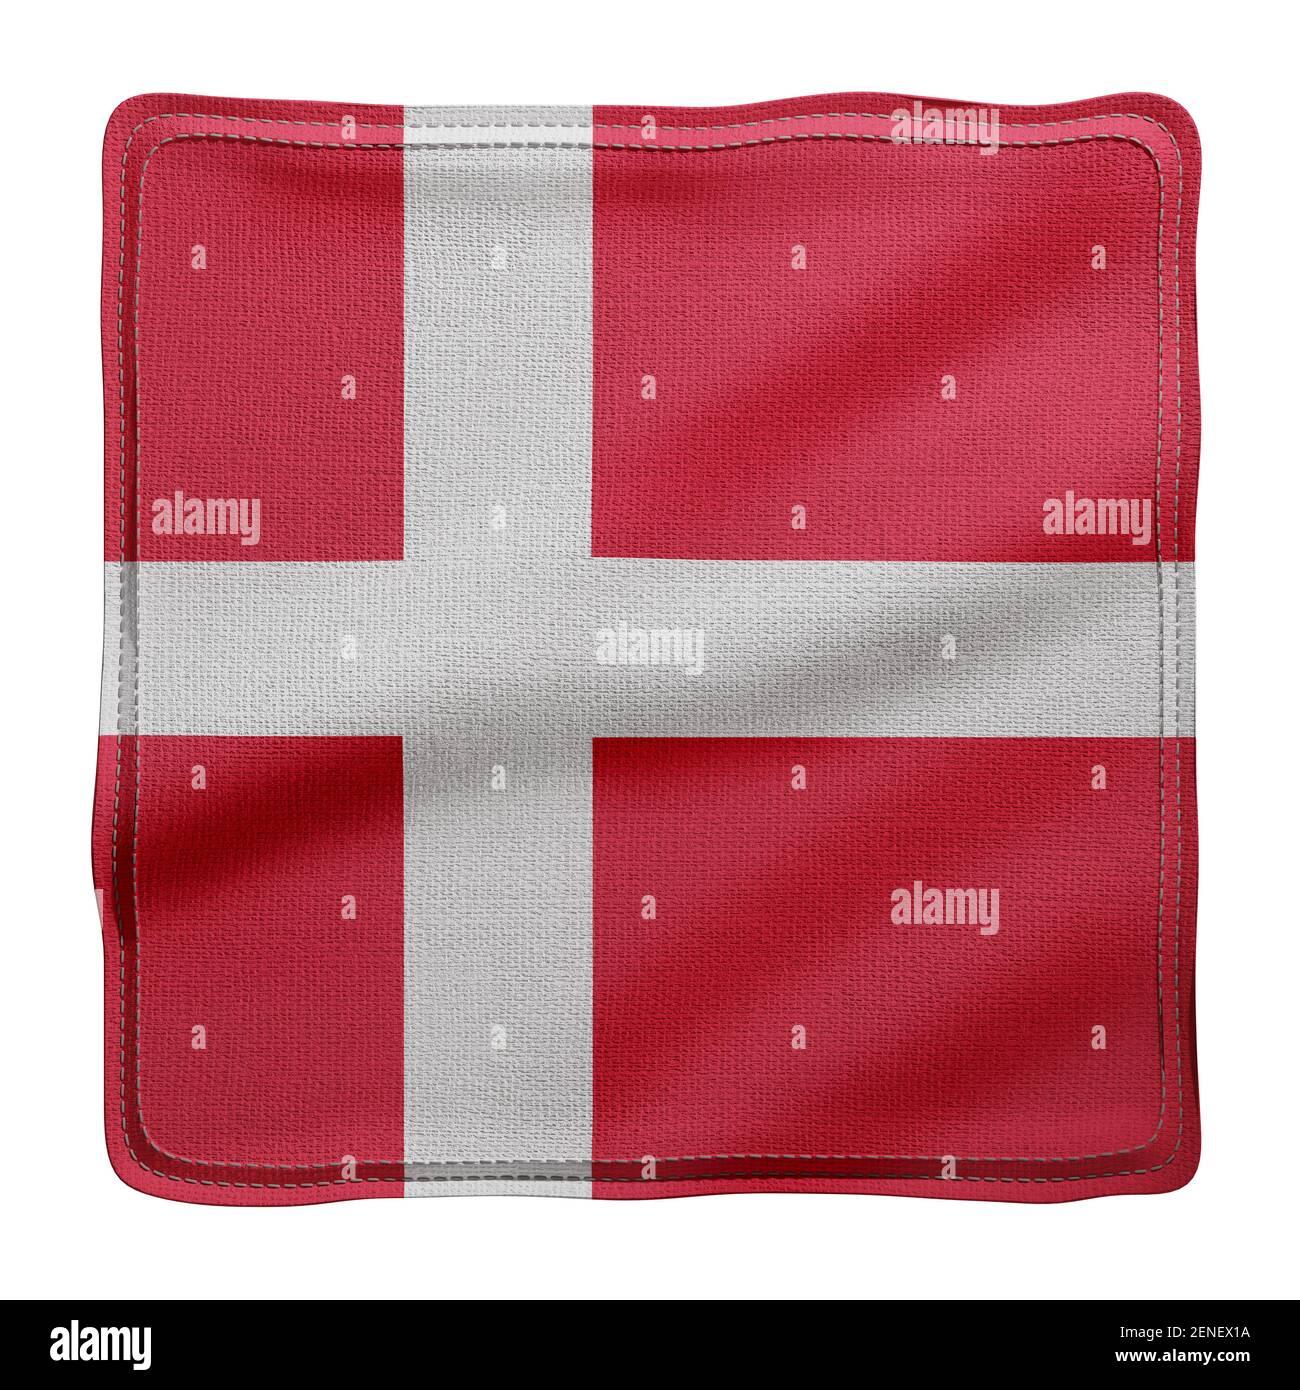 Representación en 3d de una bandera nacional de Dinamarca con tejido texturizado aislada sobre fondo blanco. Foto de stock